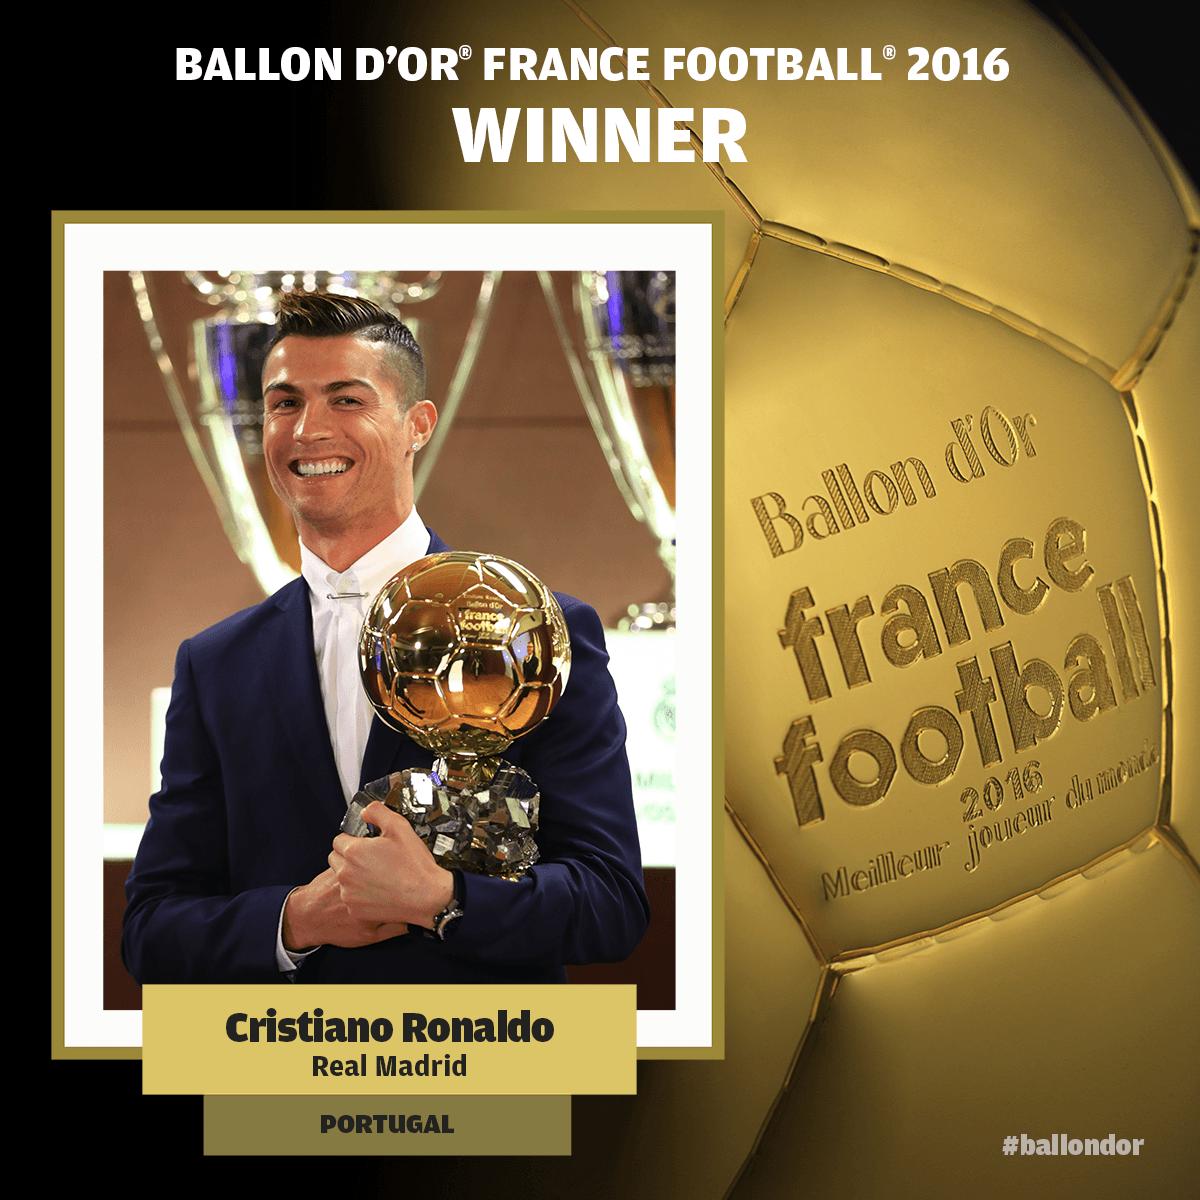 7620a747f9722 Cristiano Ronaldo vence a quarta Bola de Ouro